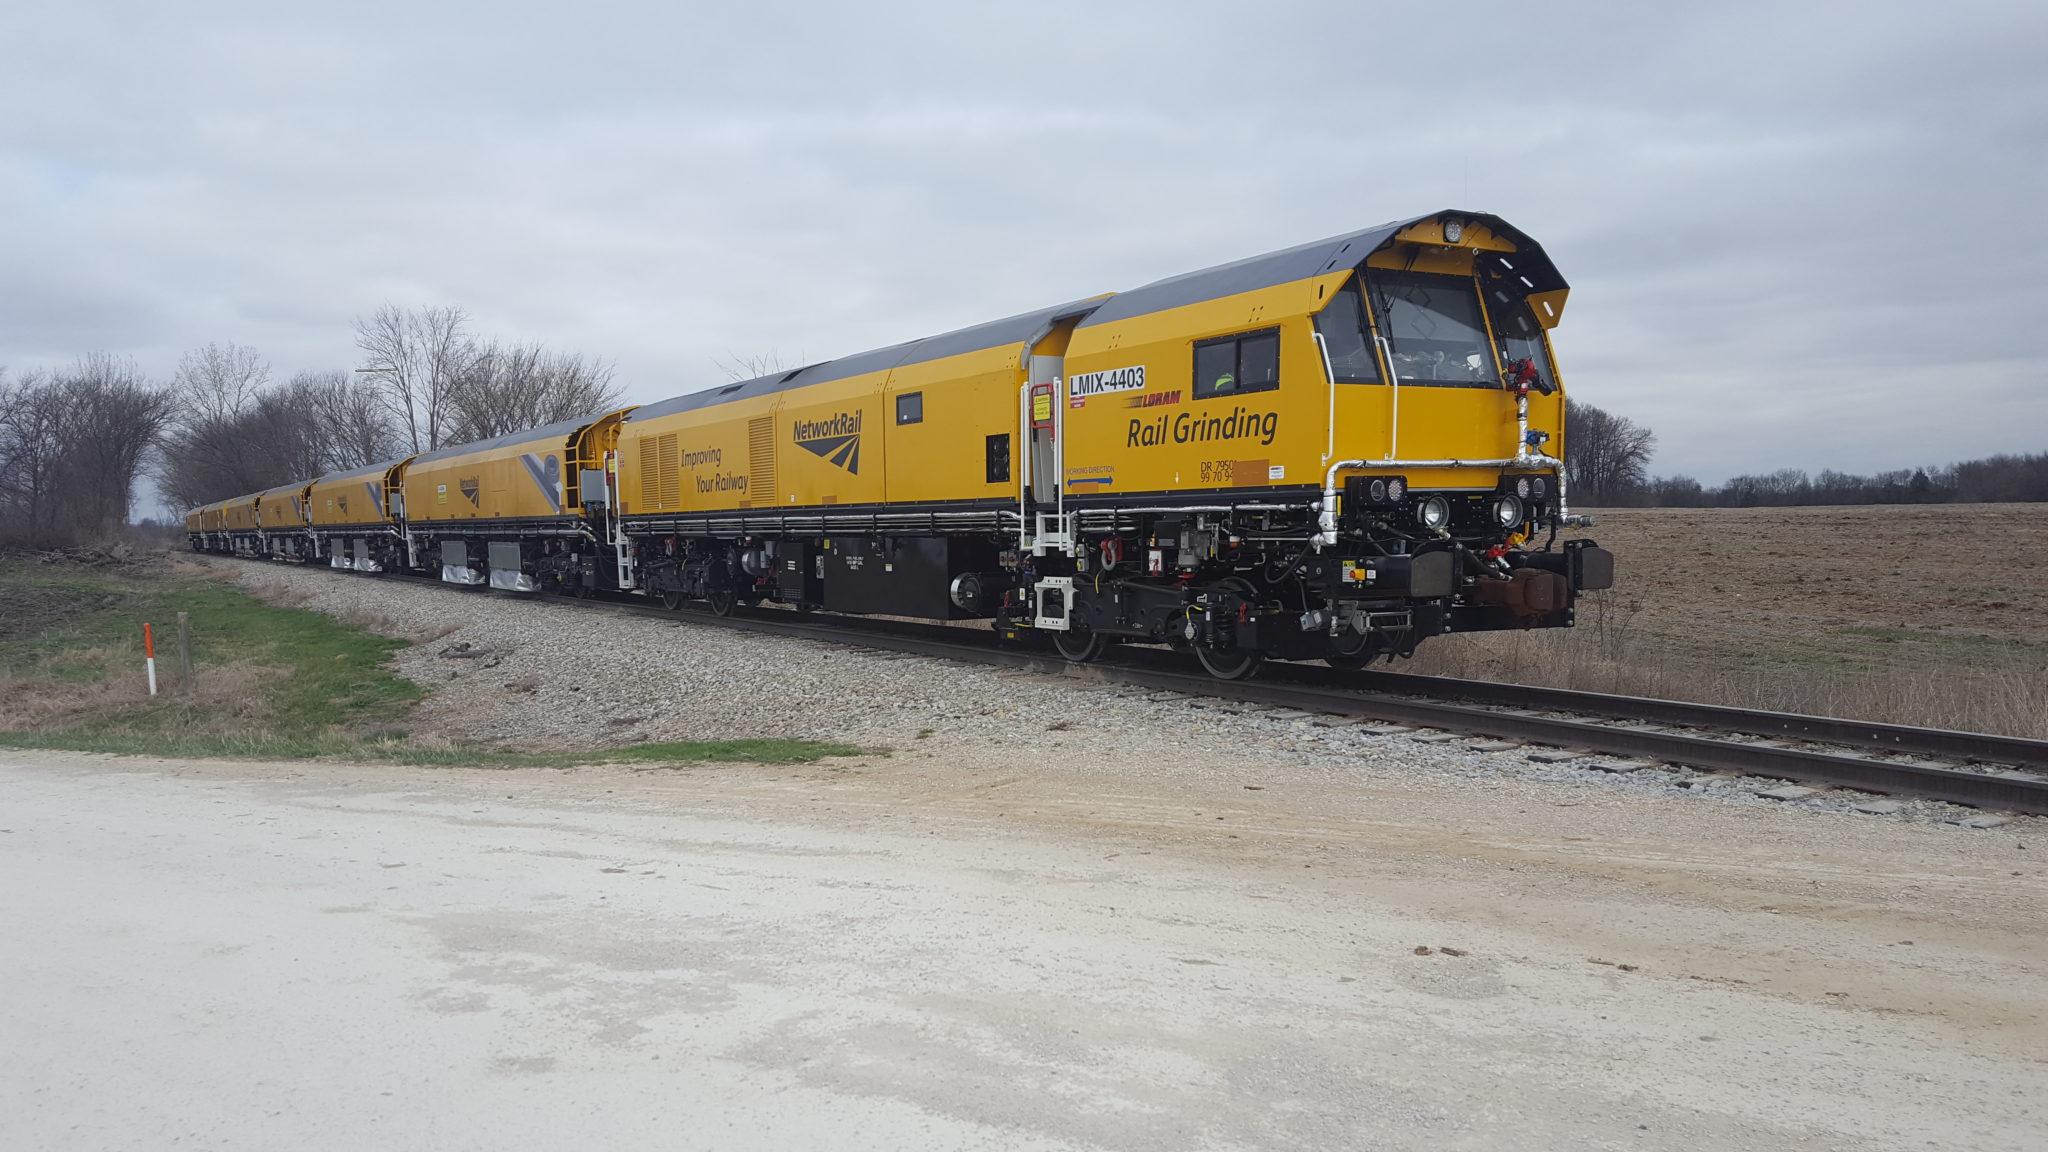 C4403 Rail Grinding at Dusk